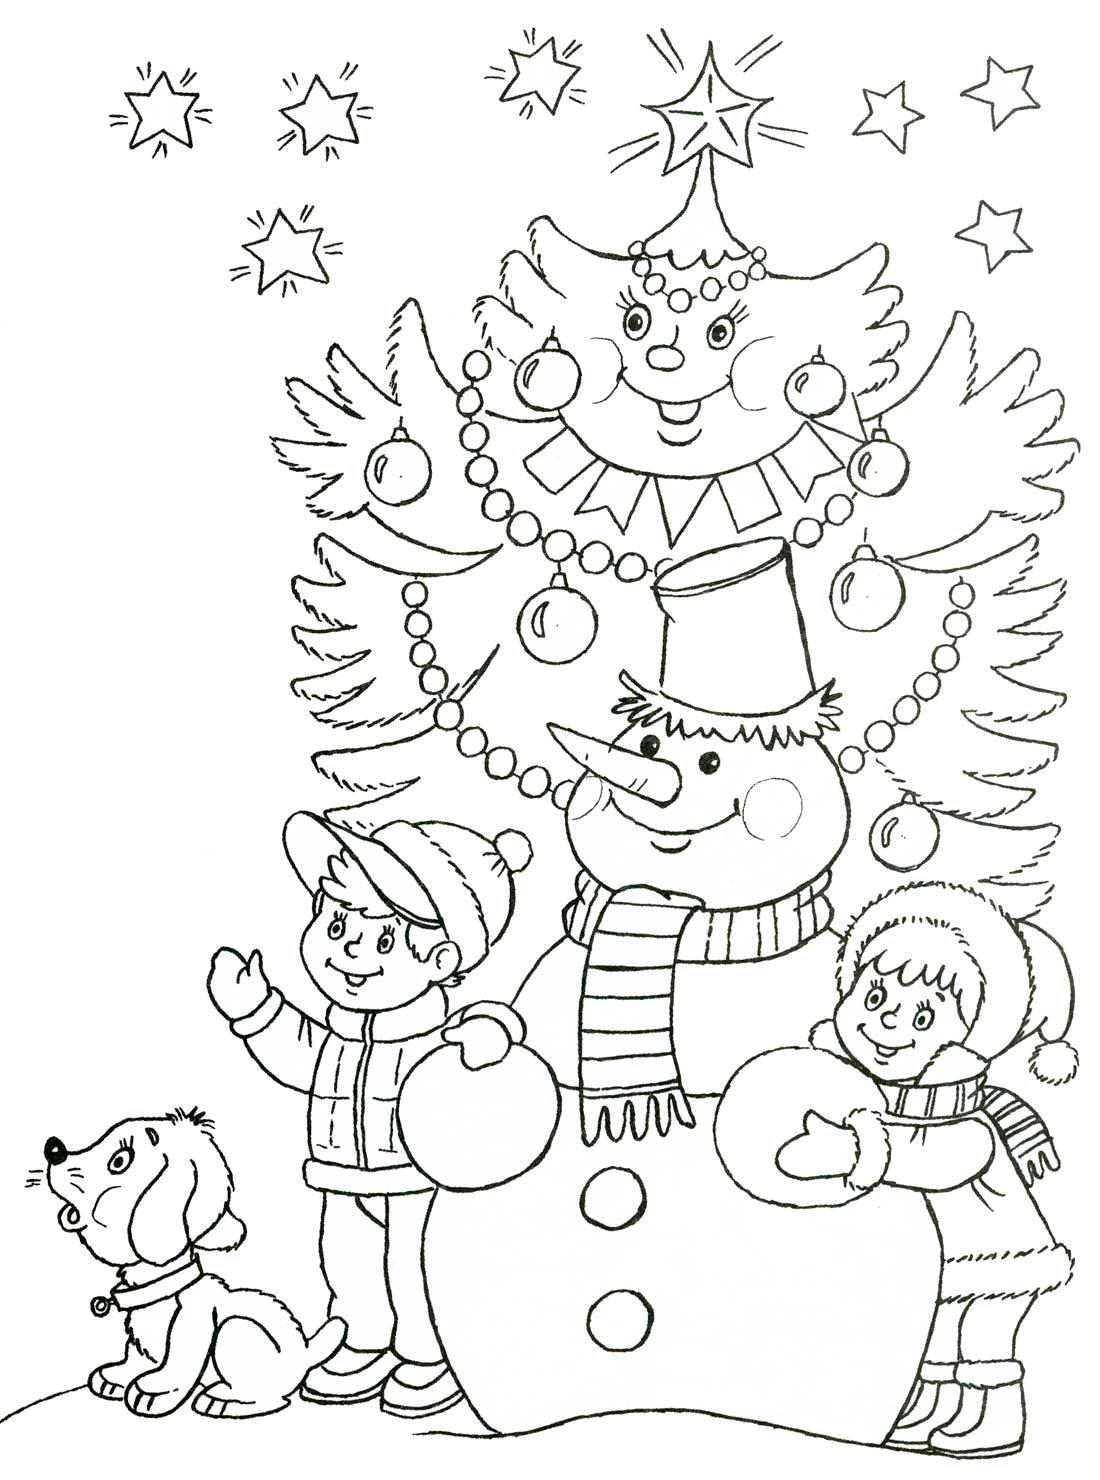 Раскраски новогодняя тематика, бульдог прикольные рисунки